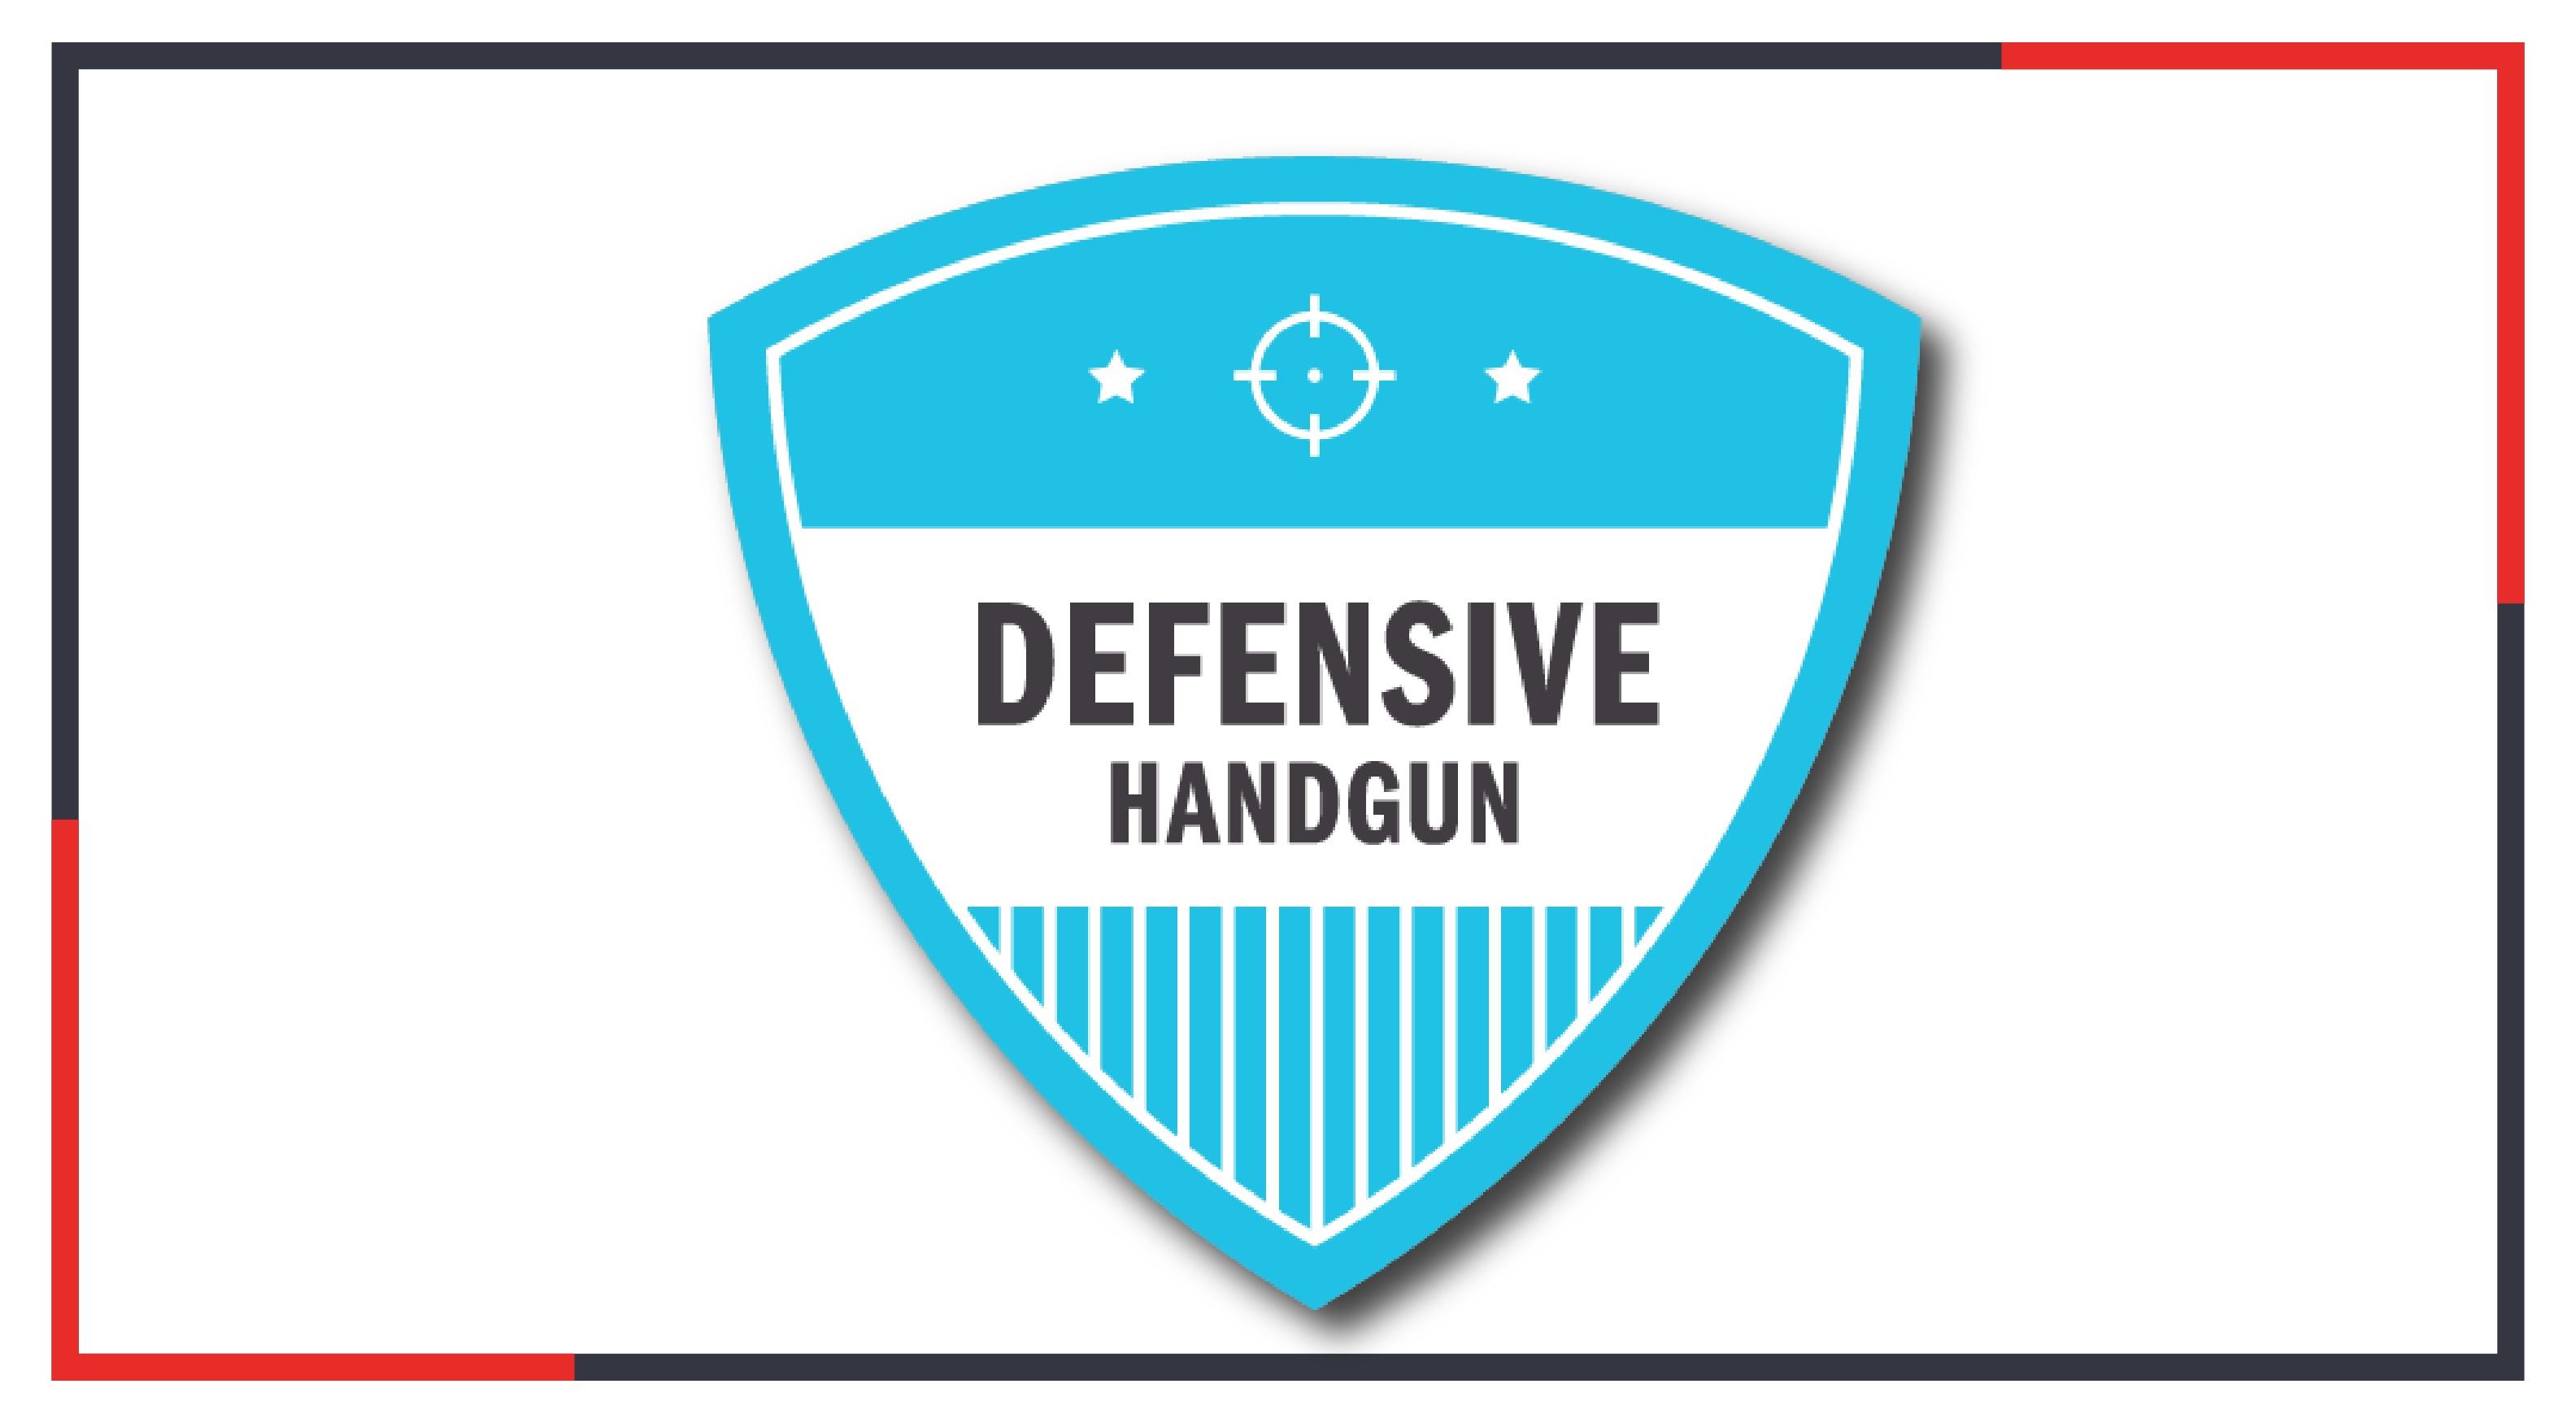 Defensive Handgun Online